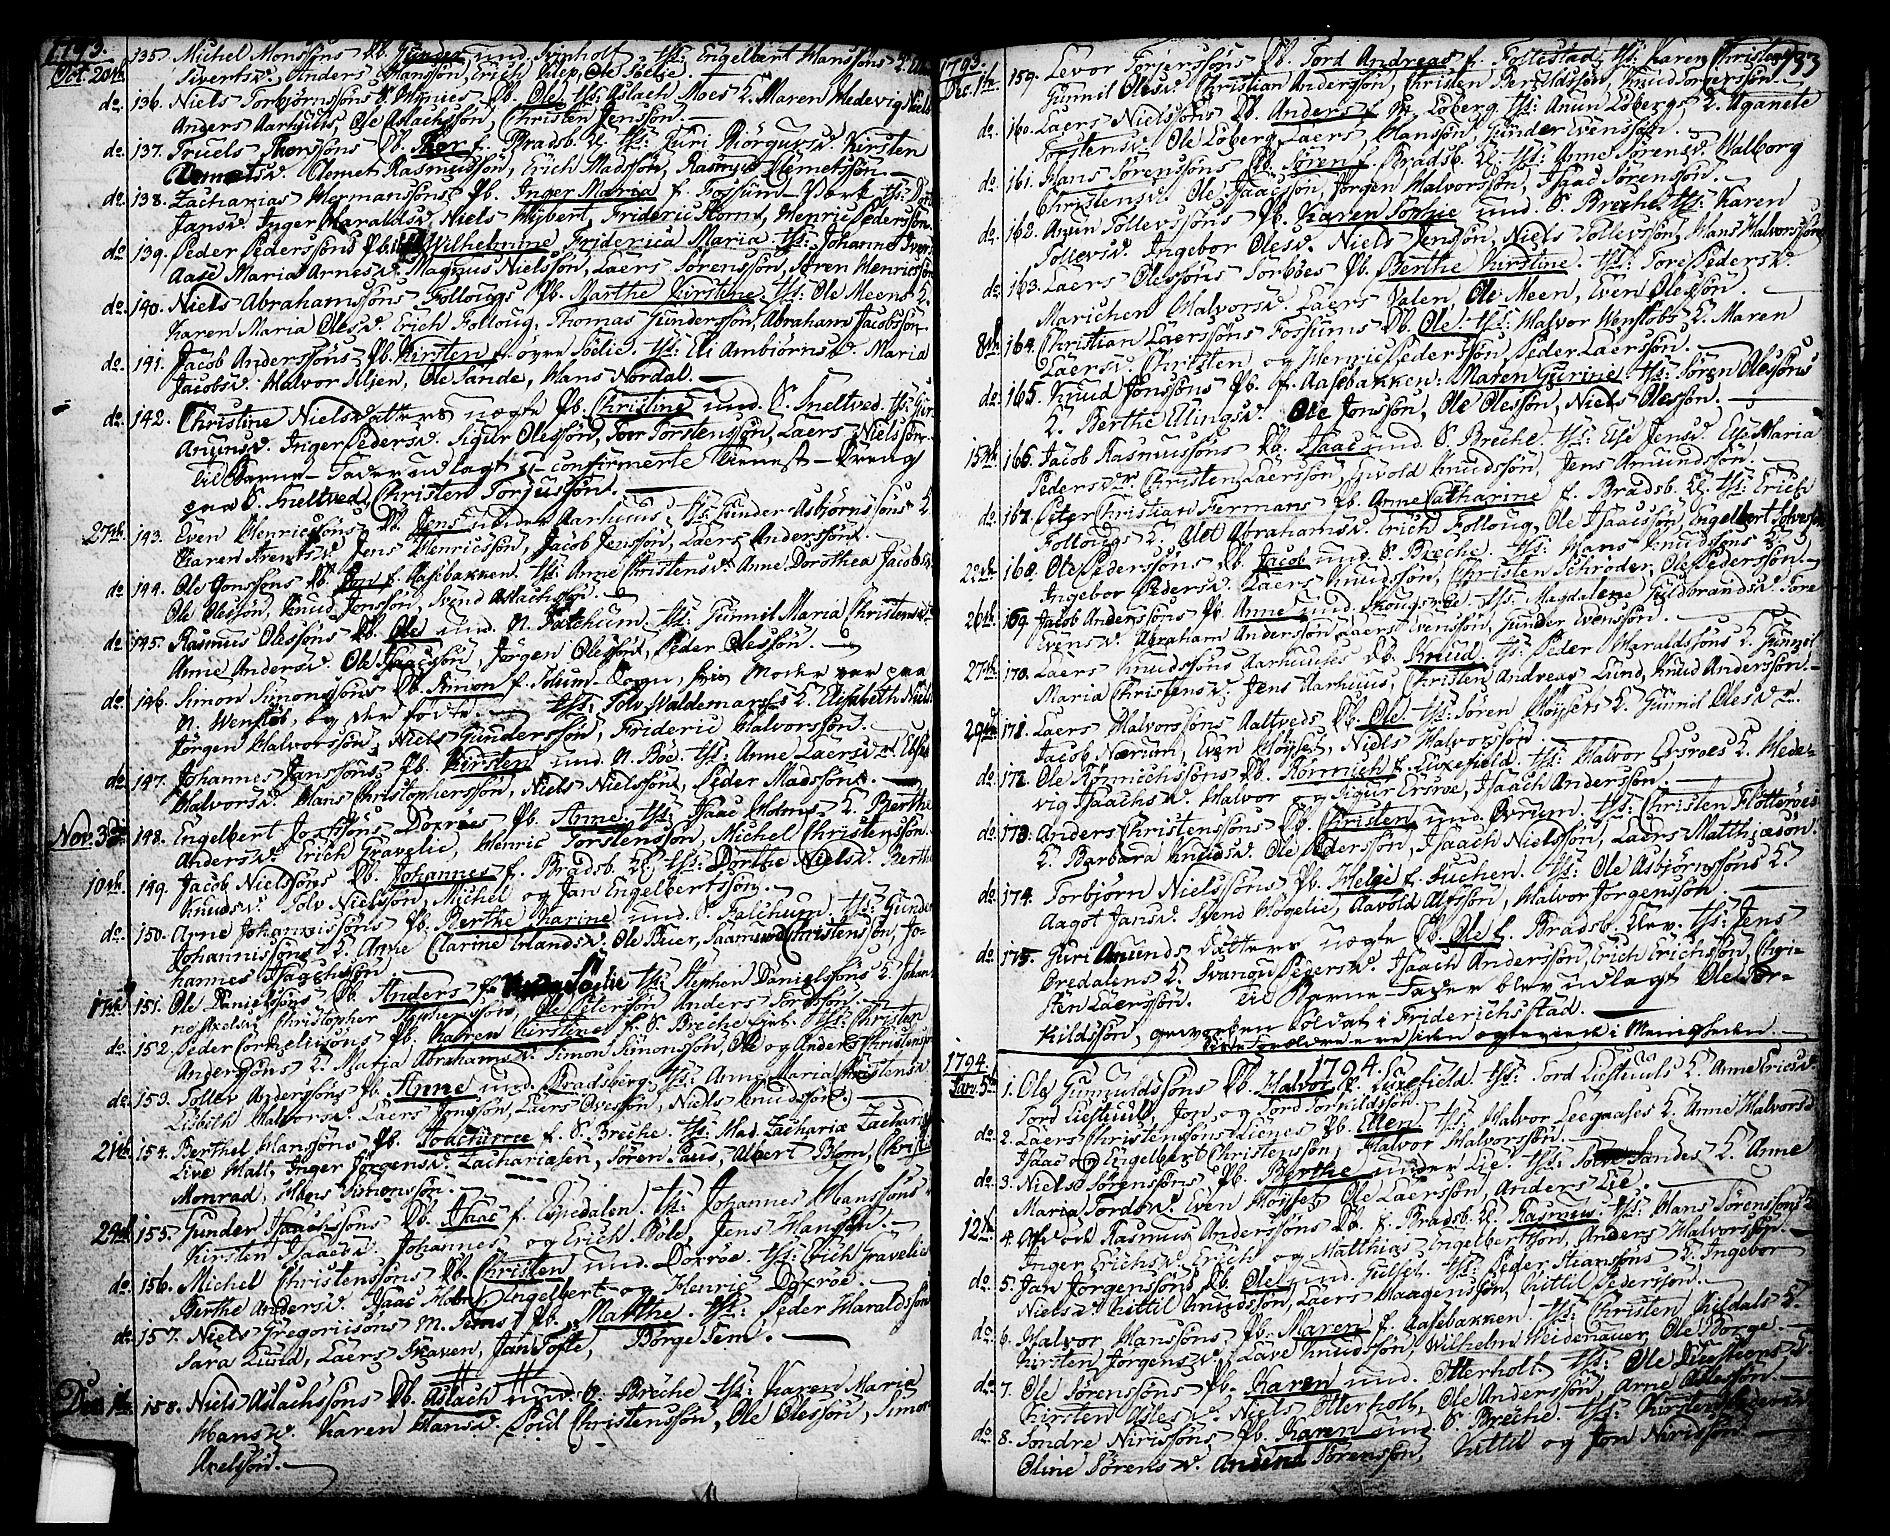 SAKO, Gjerpen kirkebøker, F/Fa/L0002: Ministerialbok nr. 2, 1747-1795, s. 133